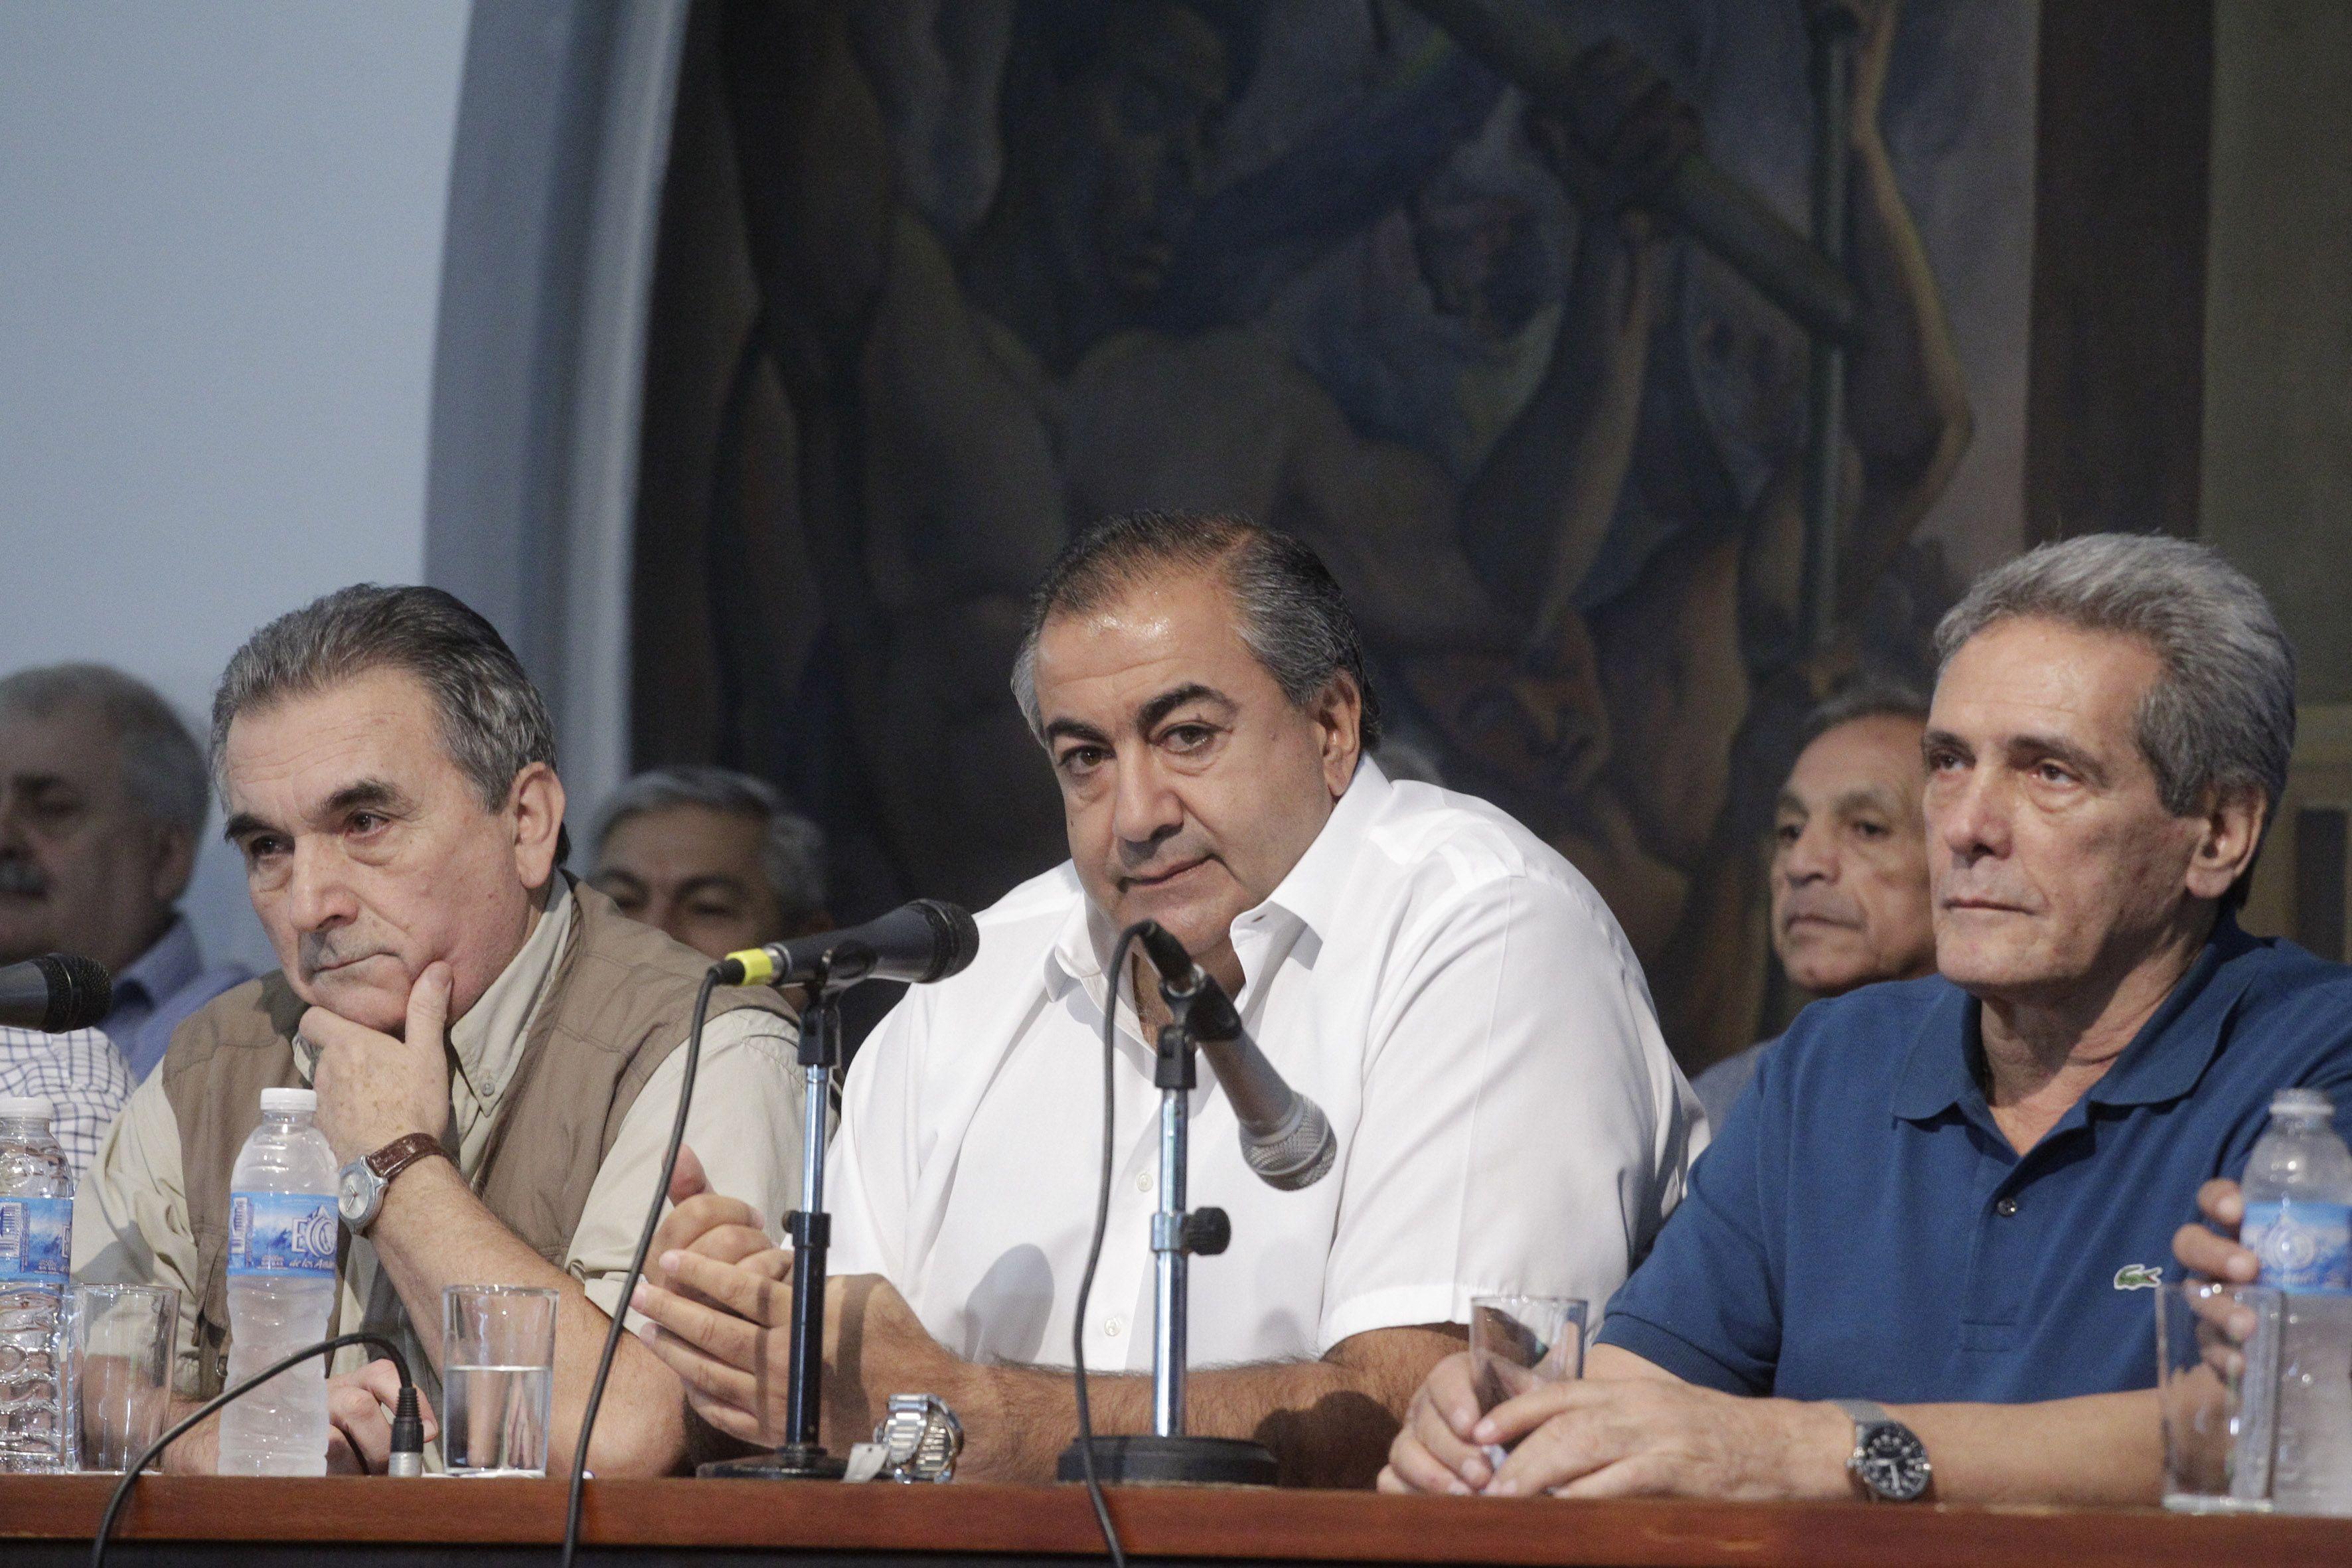 La CGT ratificó la movilización del 22 agosto contra el ajuste de Macri